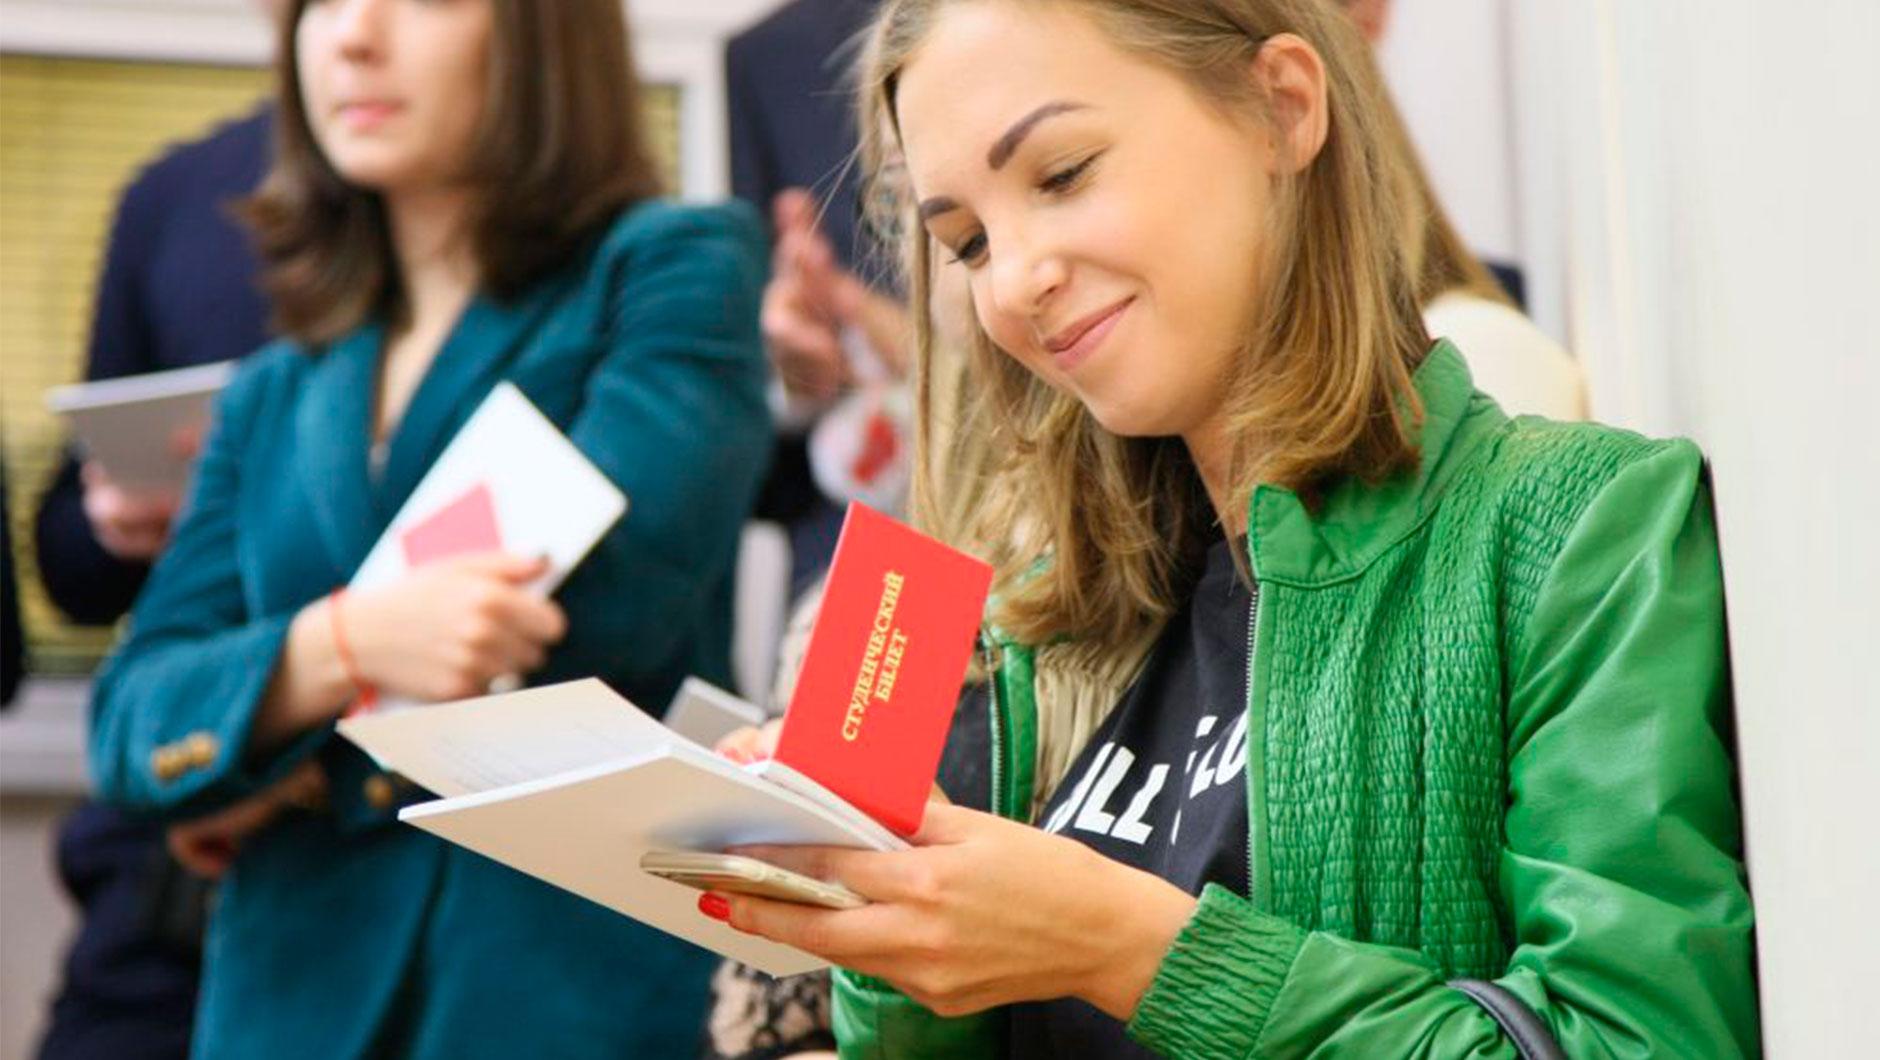 В Северной Осетии четыре студентки будут получать повышенные стипендии имени В. Абаева и Г. Плиева